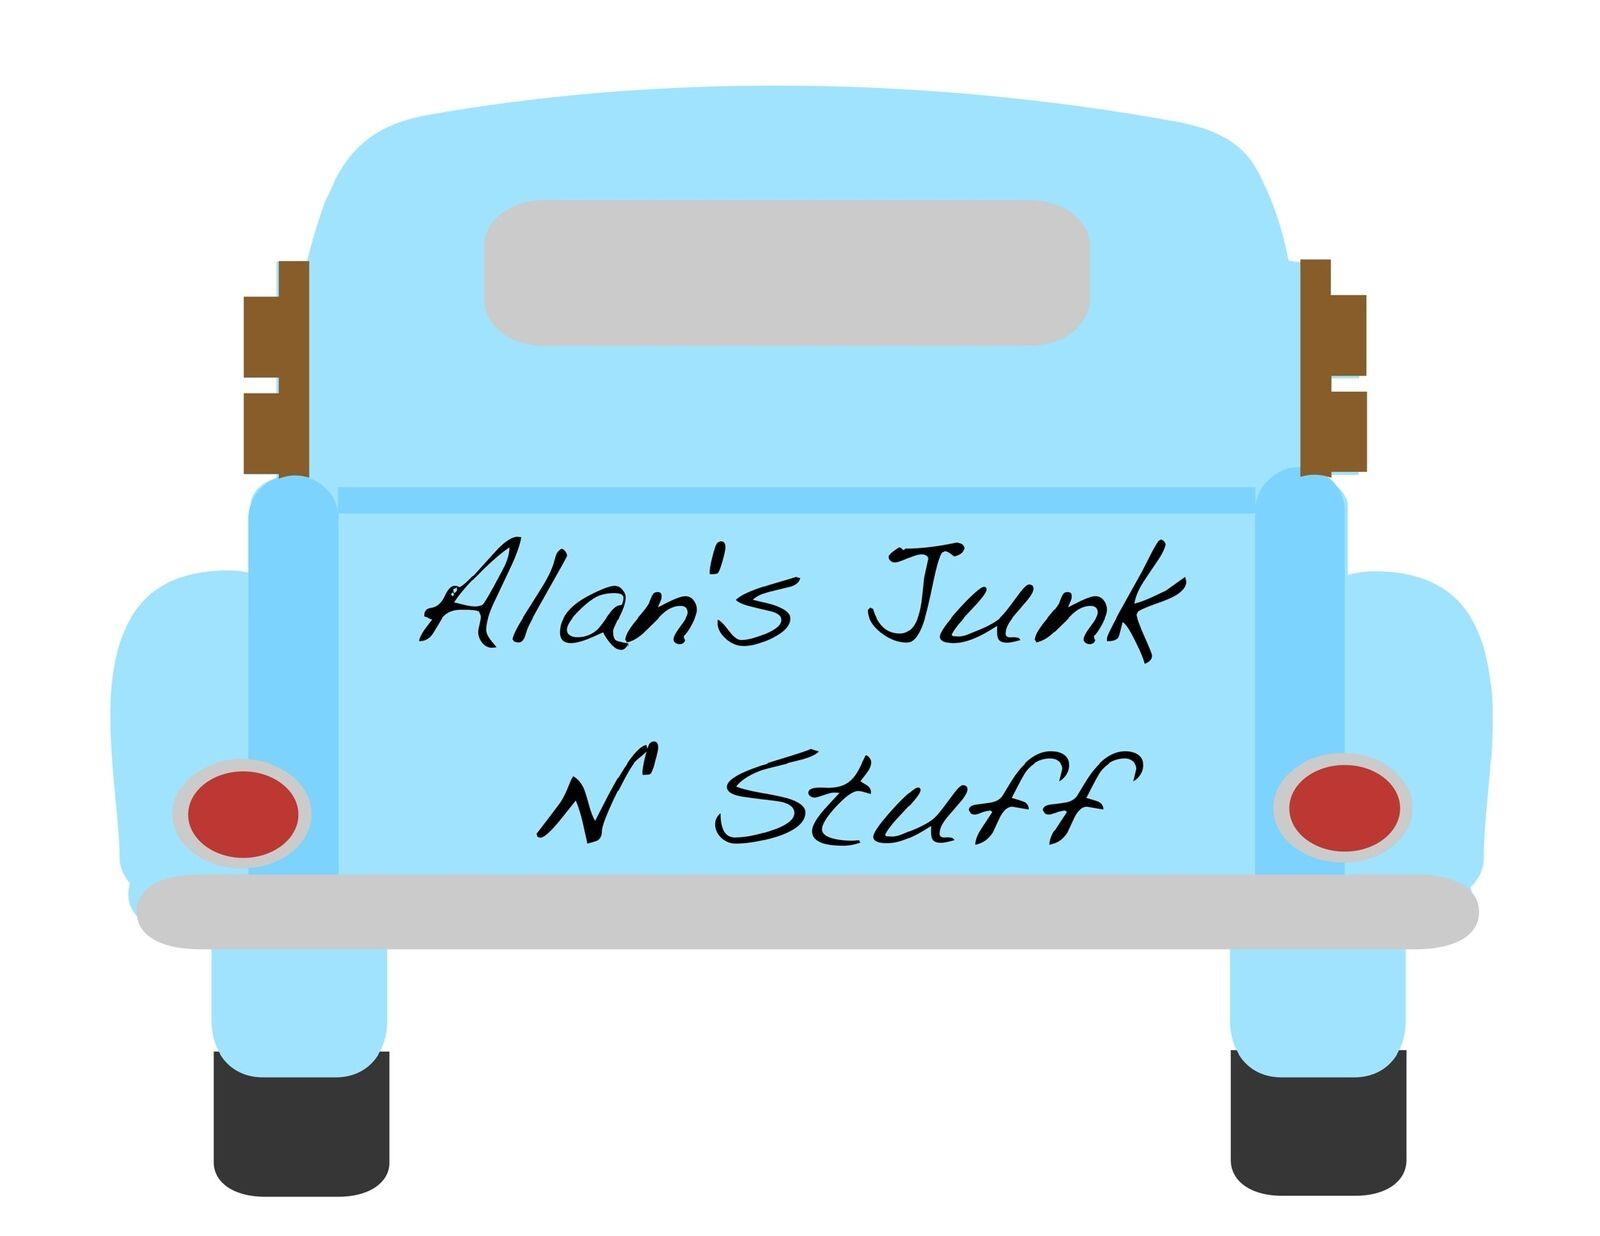 Alan's Junk N' Stuff